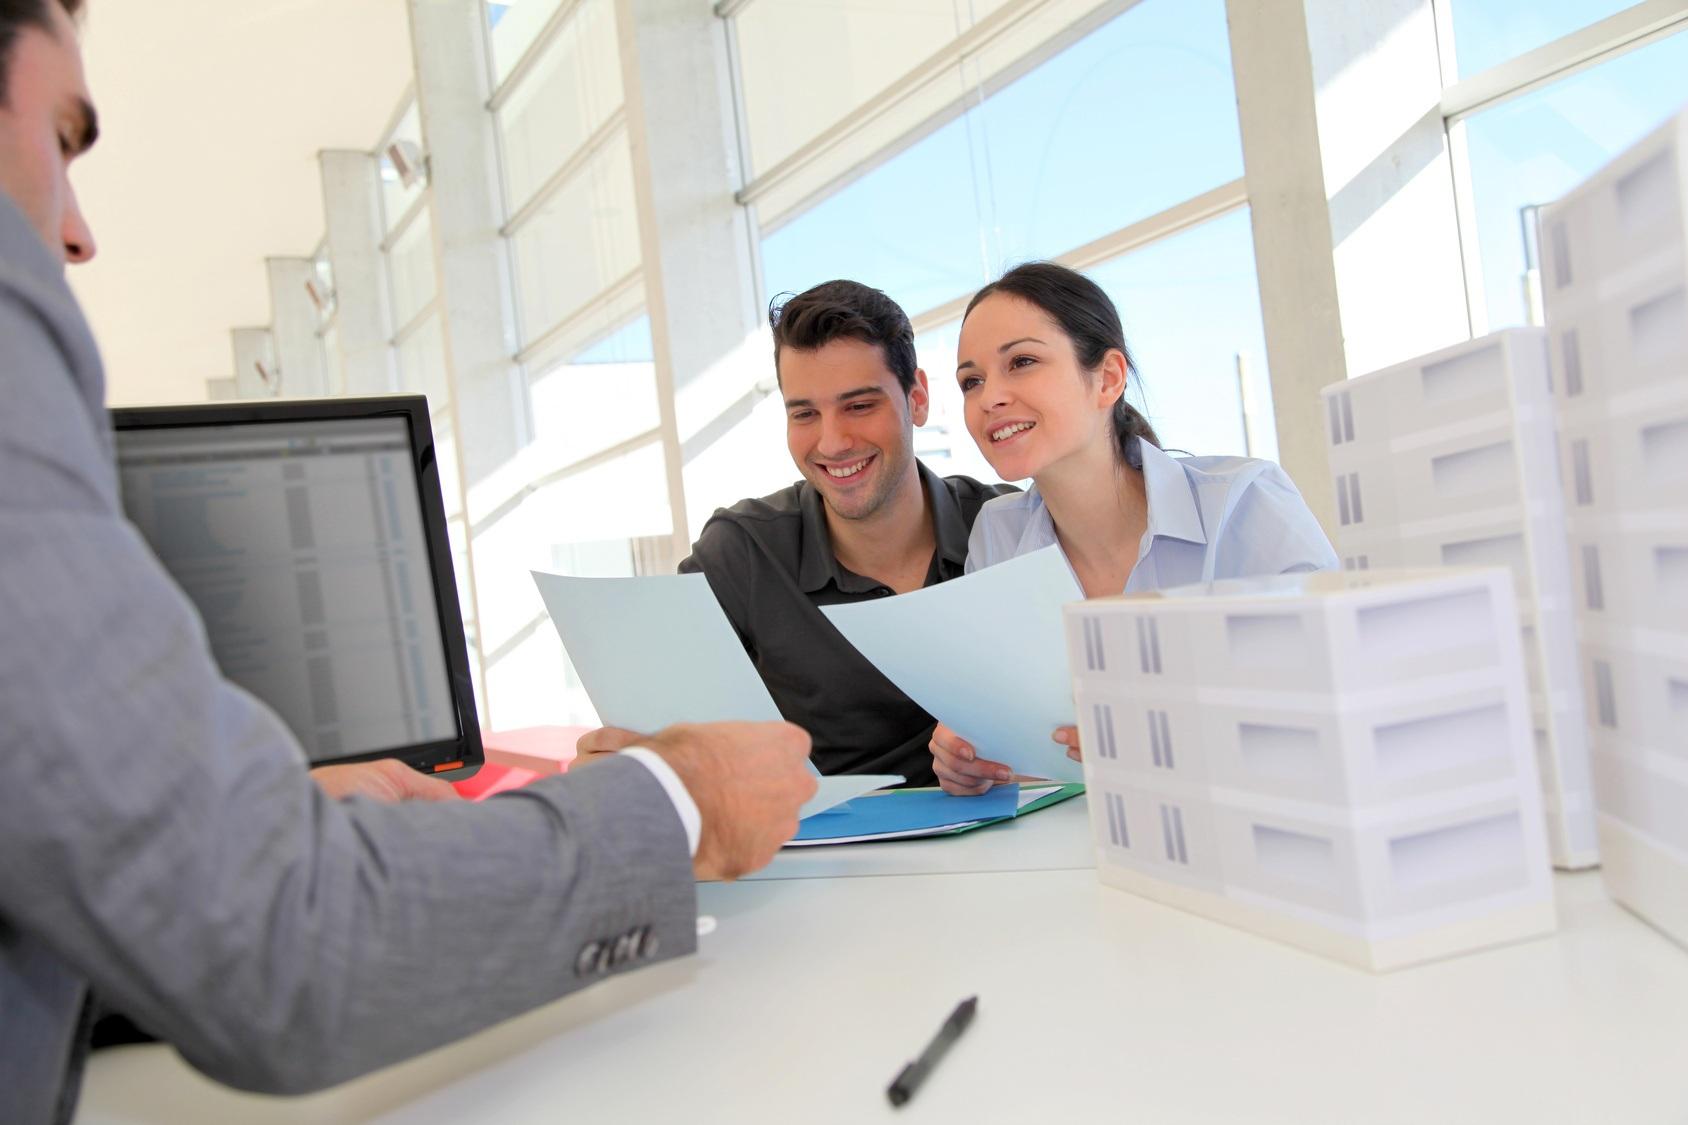 assurance pret immobilier : son importance